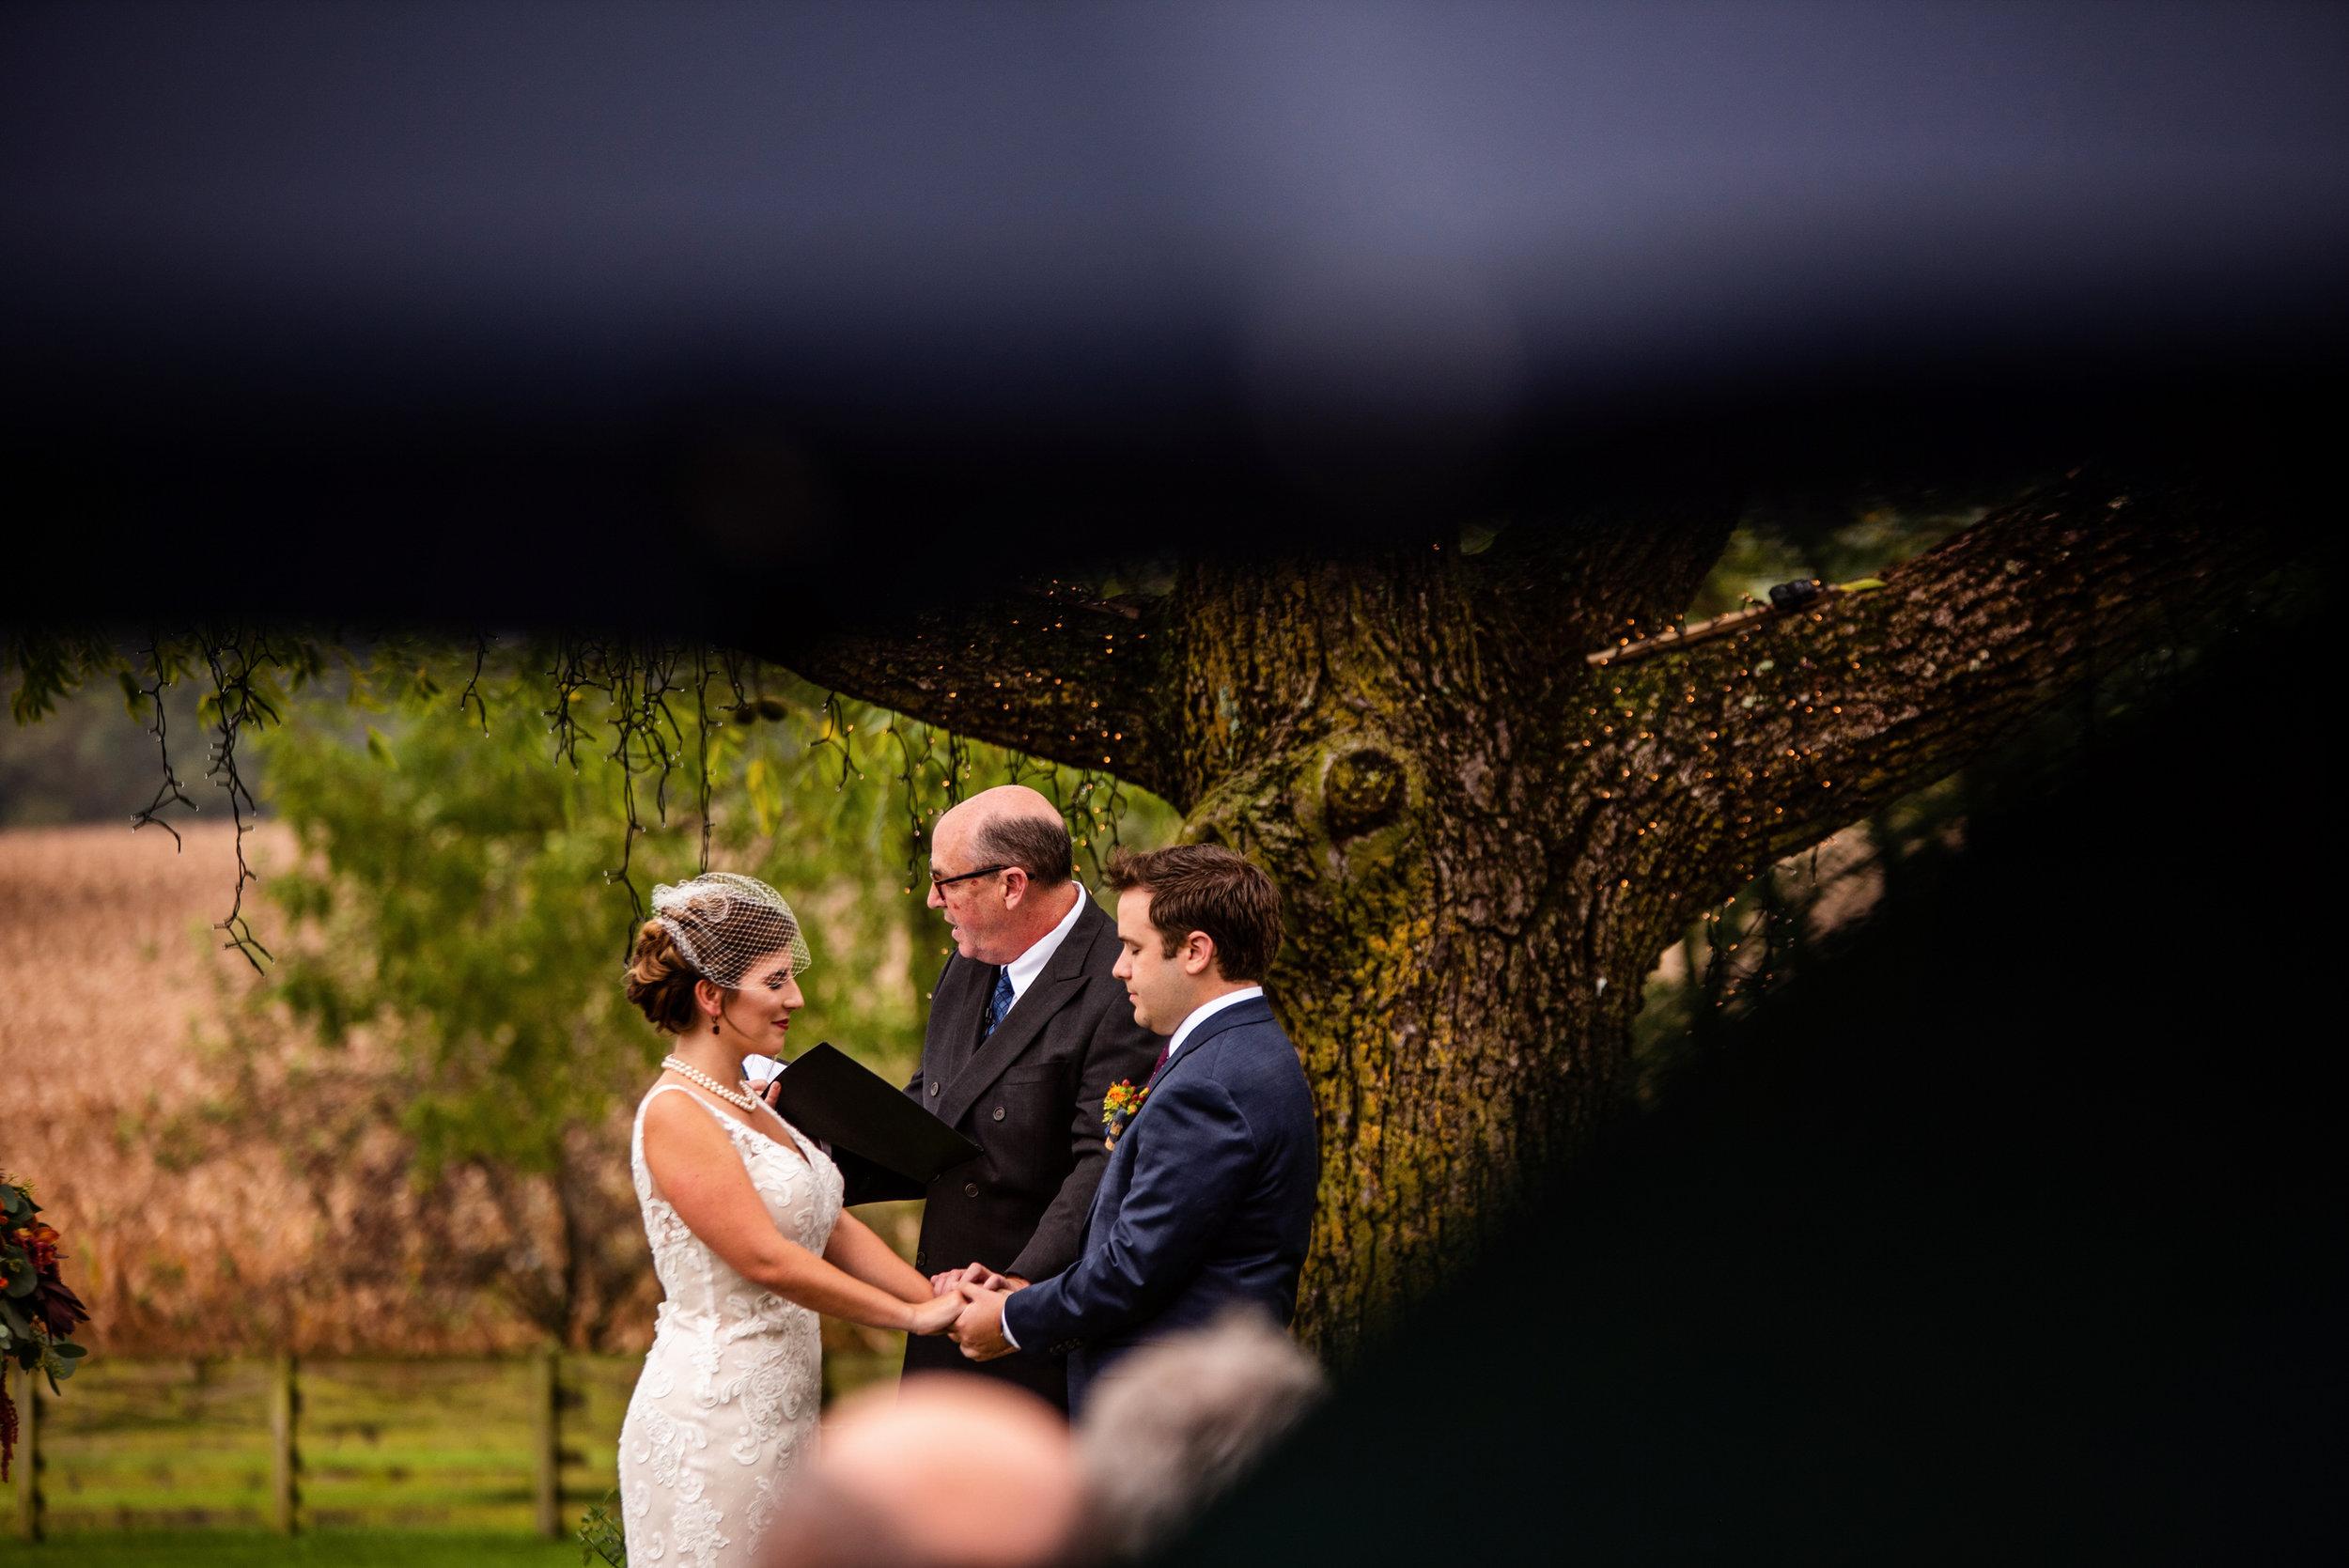 WalkersOverlookWedding-Angela&Ben-Ceremony-18.jpg